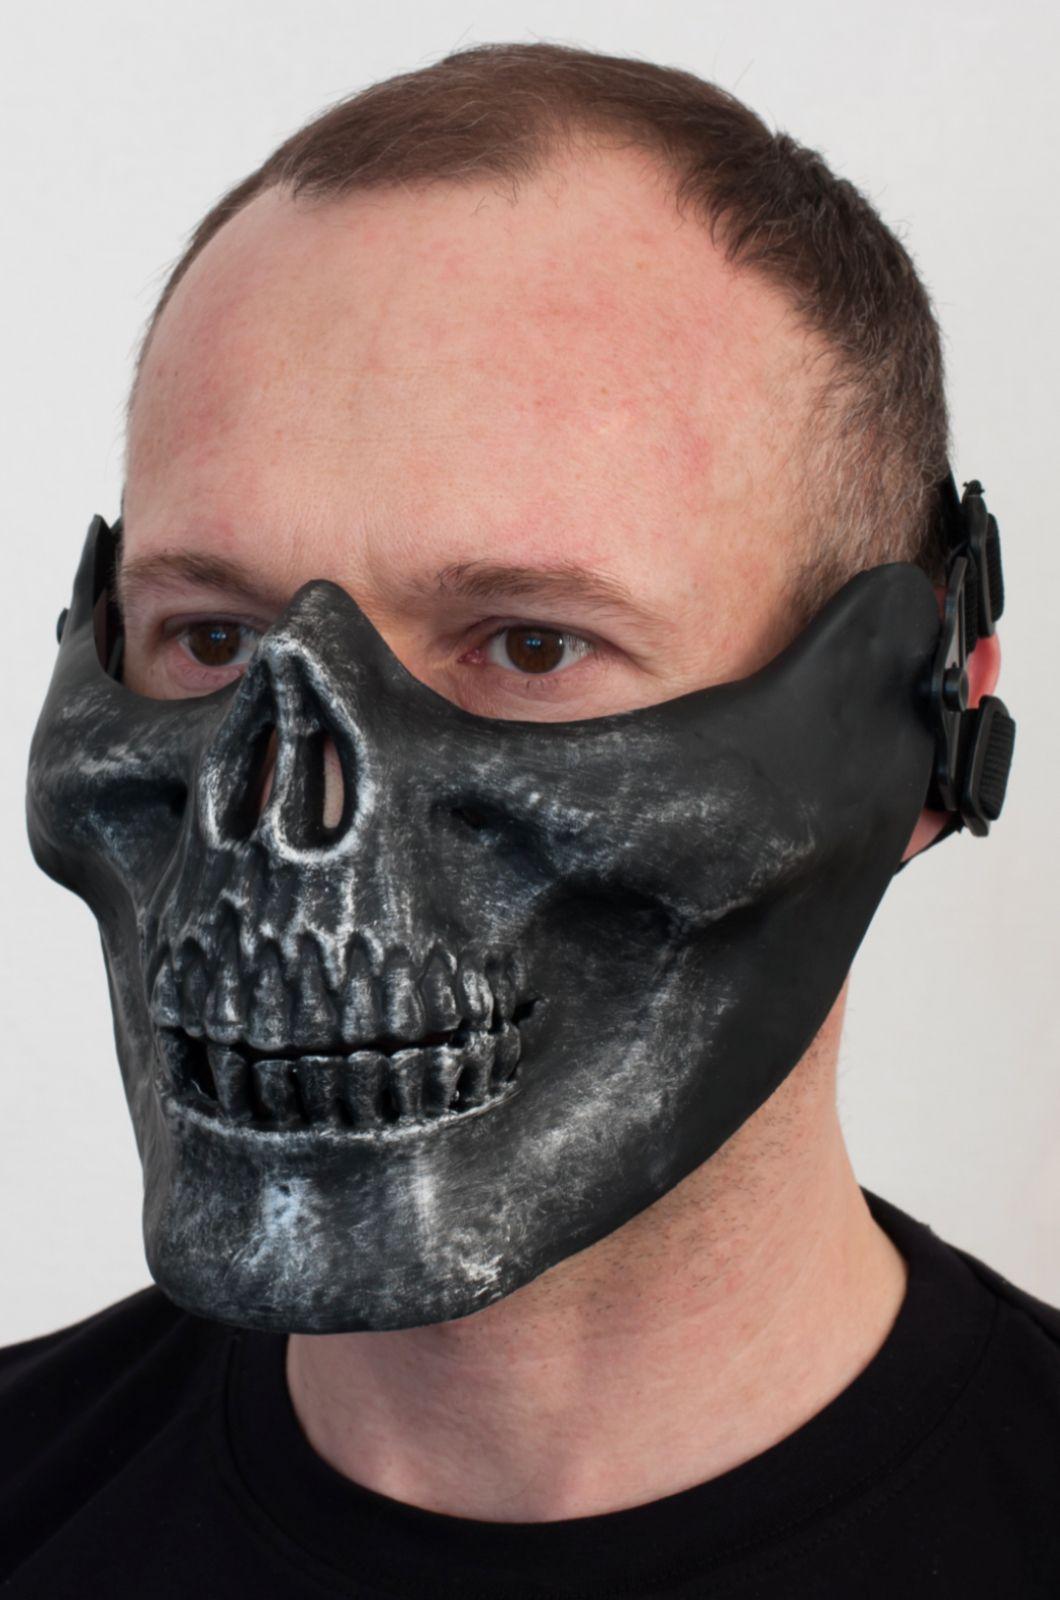 """Купить маску на половину лица """"Череп"""" по выгодной цене"""